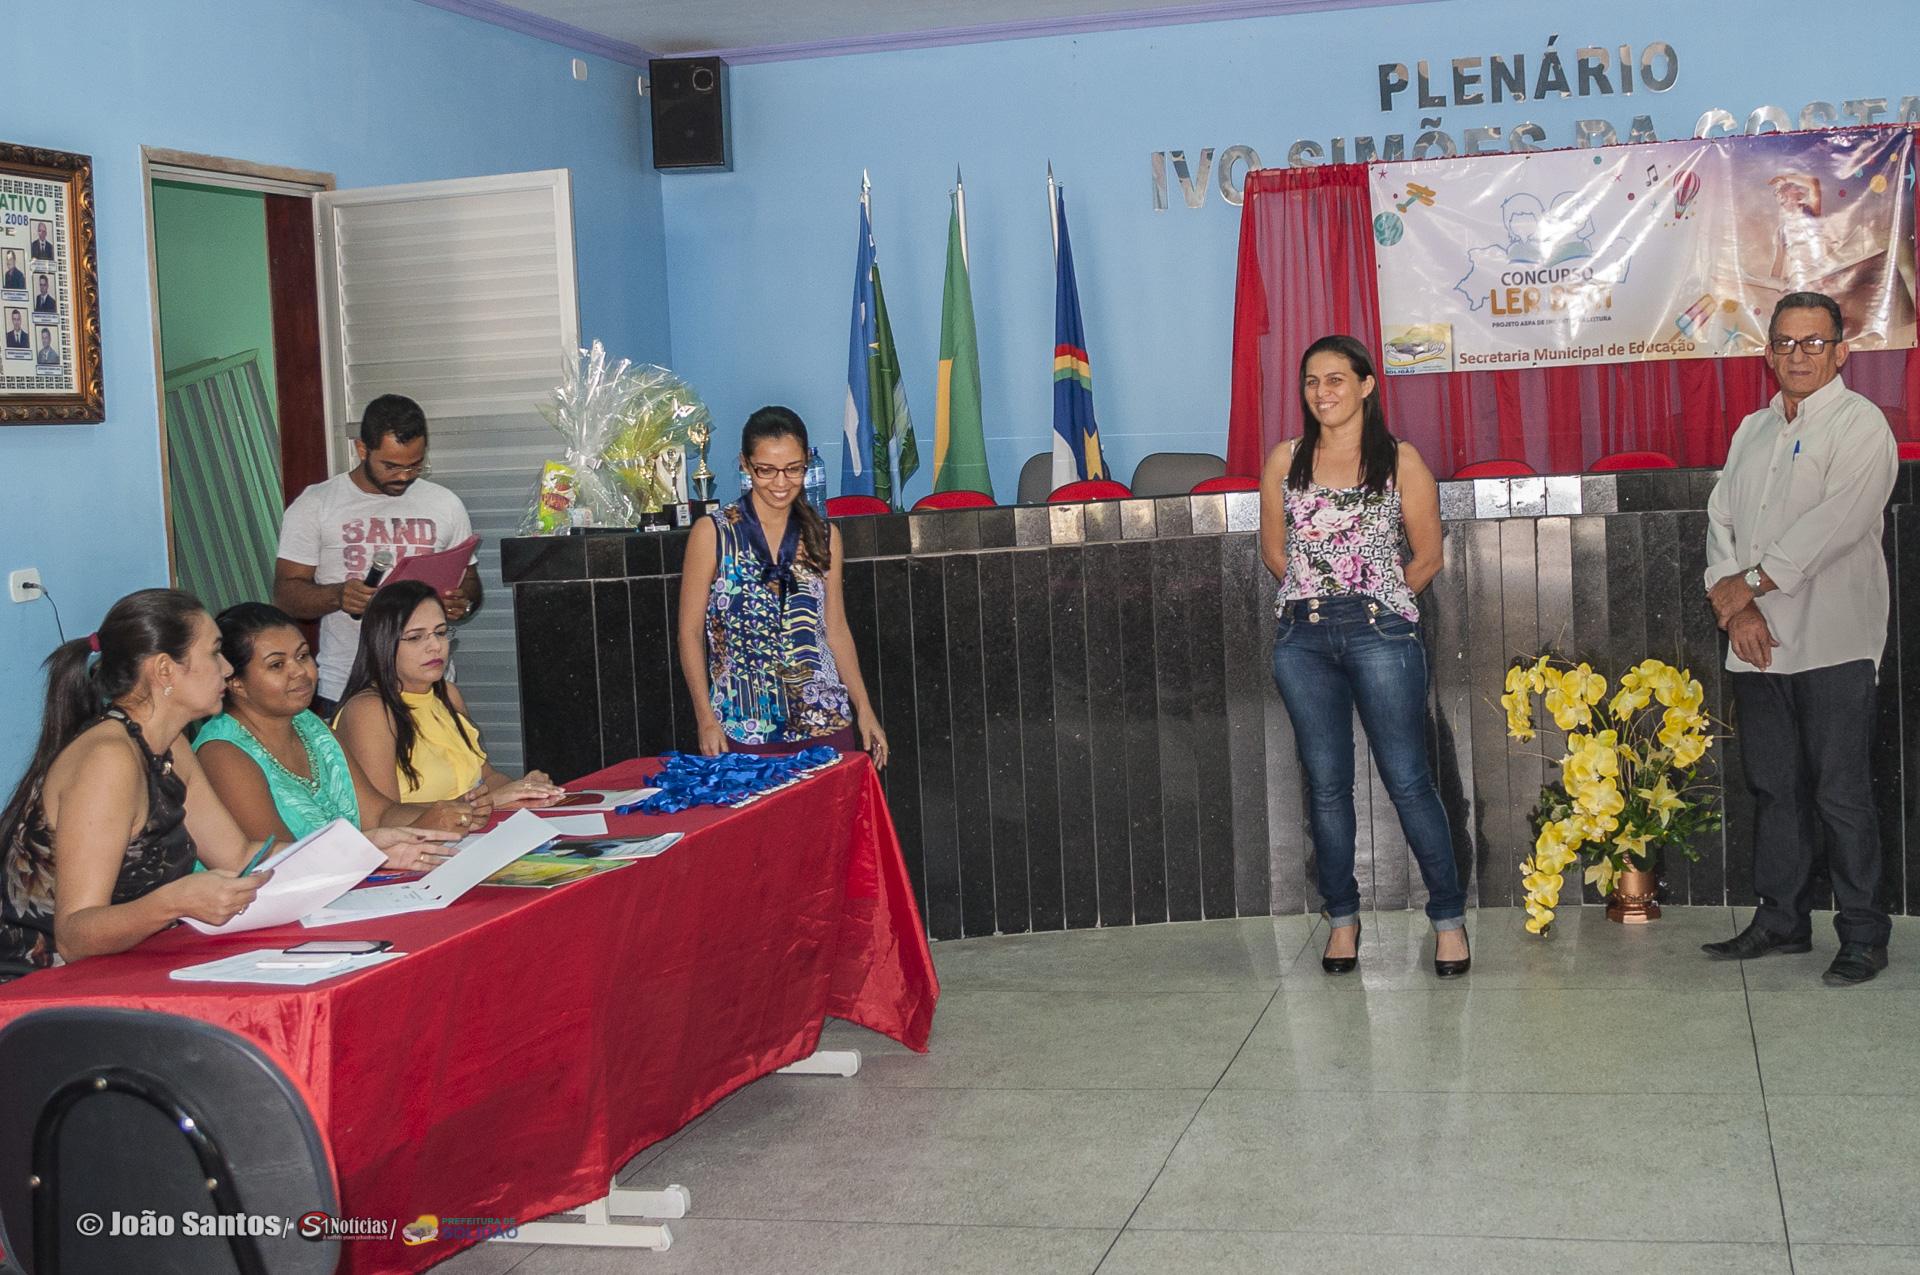 Aparecida Ramos Sec. Educação e Djalma Alves durante Curso Ler Bem fase municipal